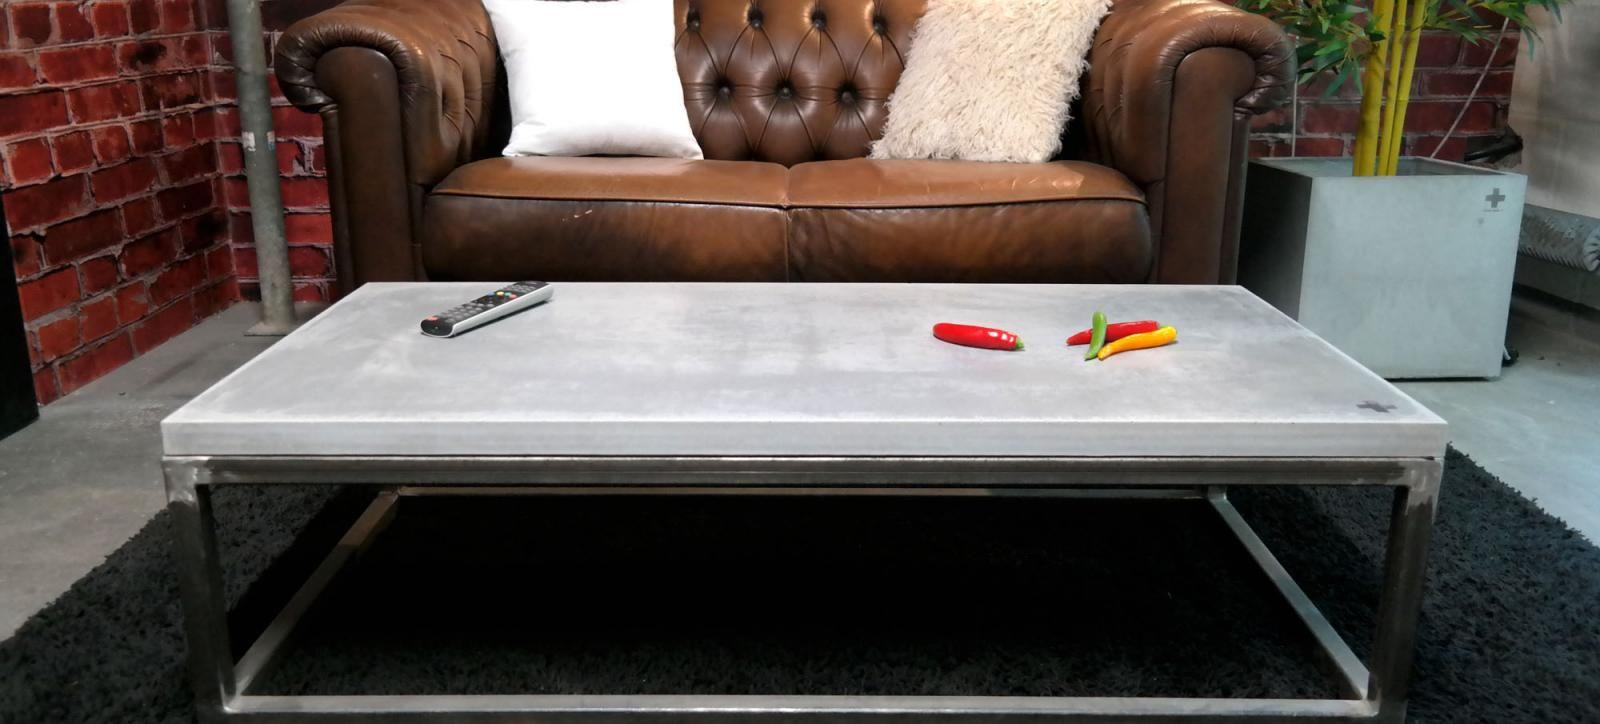 Filigrane Cm Beton Kombiniert Mit Einem Metallgestell Im Vintage - Betonplatten 3cm